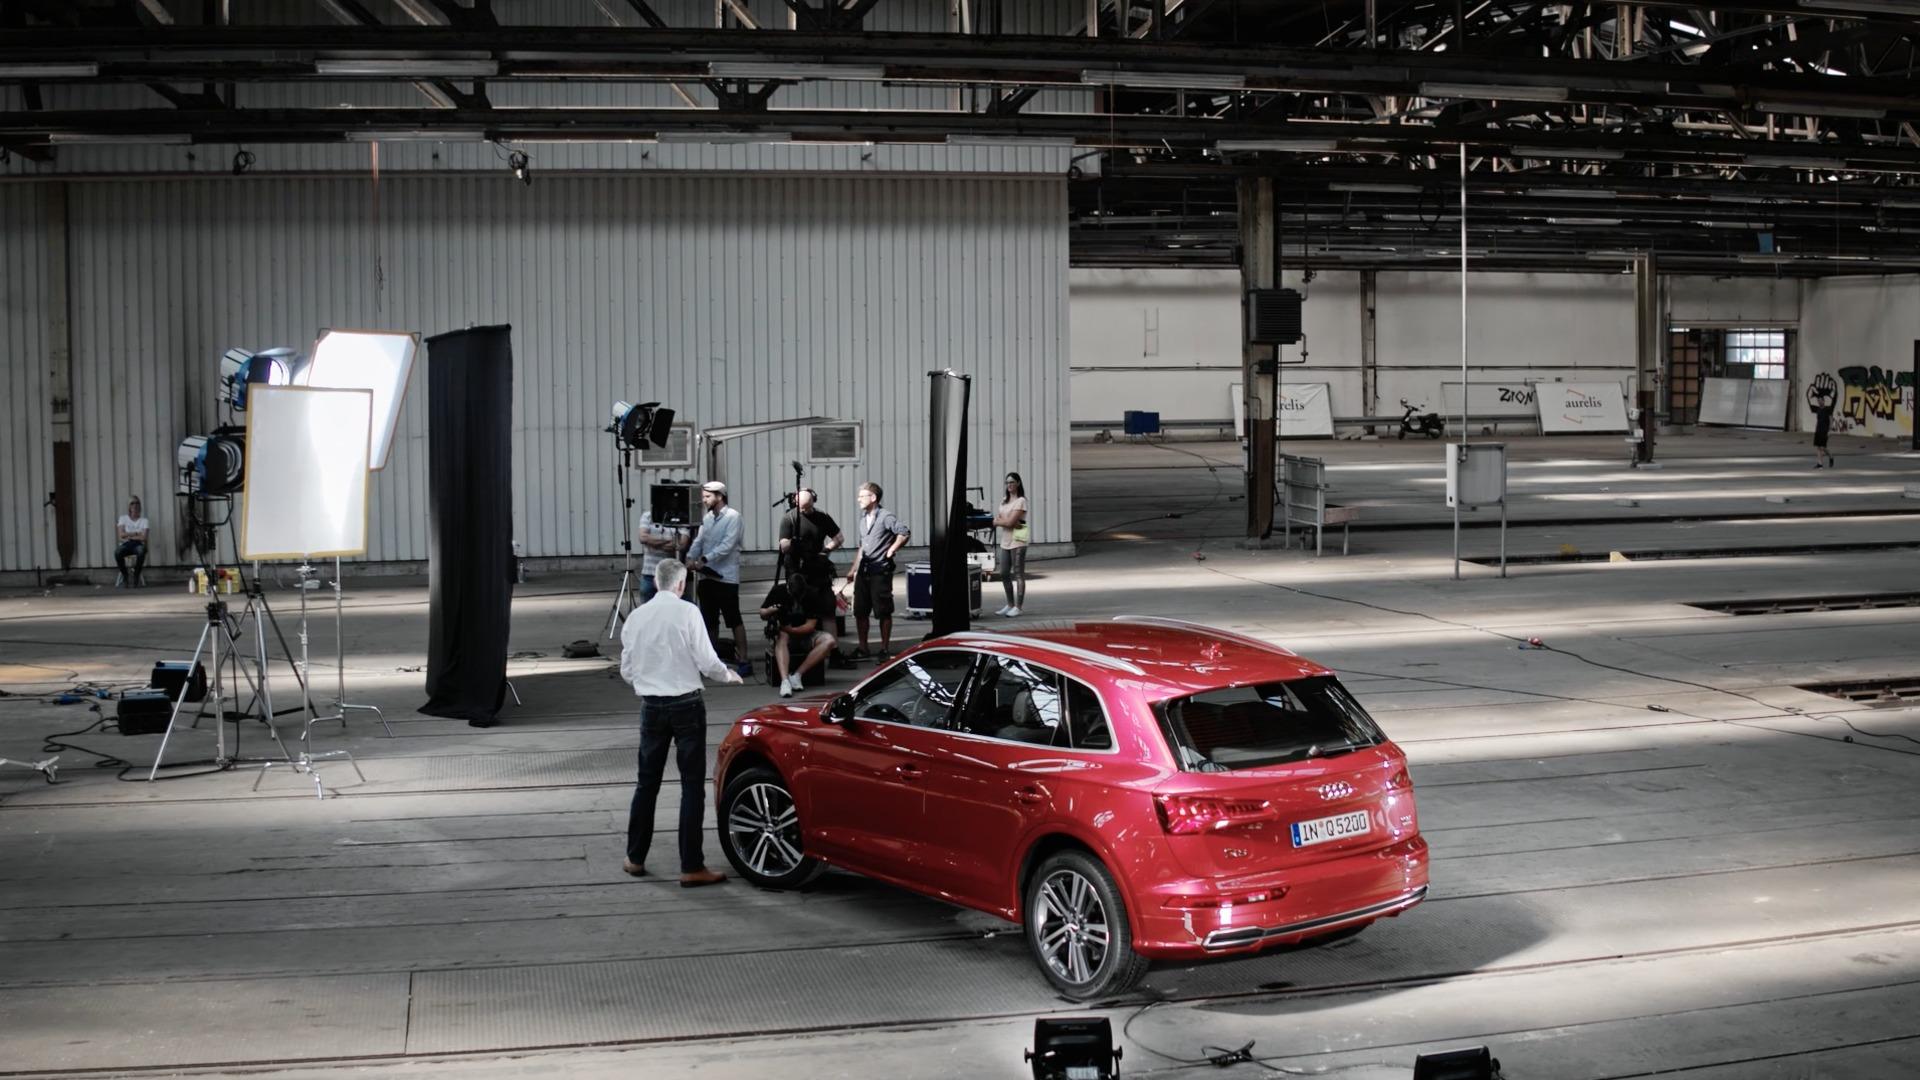 World premiere - The new Audi Q5